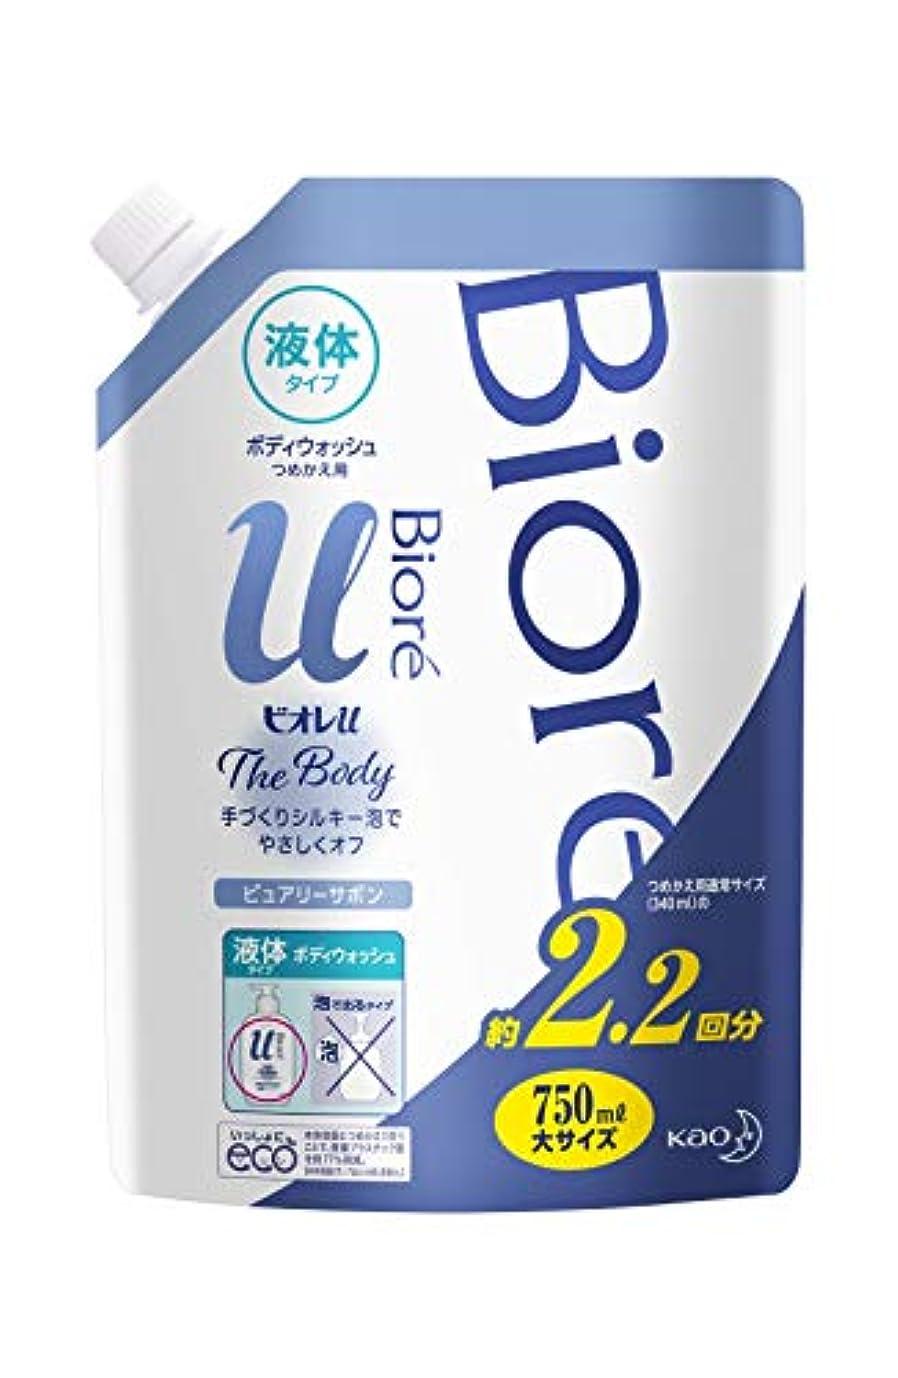 無関心スキニー冗長【大容量】 ビオレu ザ ボディ 〔 The Body 〕 液体タイプ ピュアリーサボンの香り つめかえ用 750ml 「高潤滑処方の手づくりシルキー泡」 ボディソープ 清潔感のあるピュアリーサボンの香り